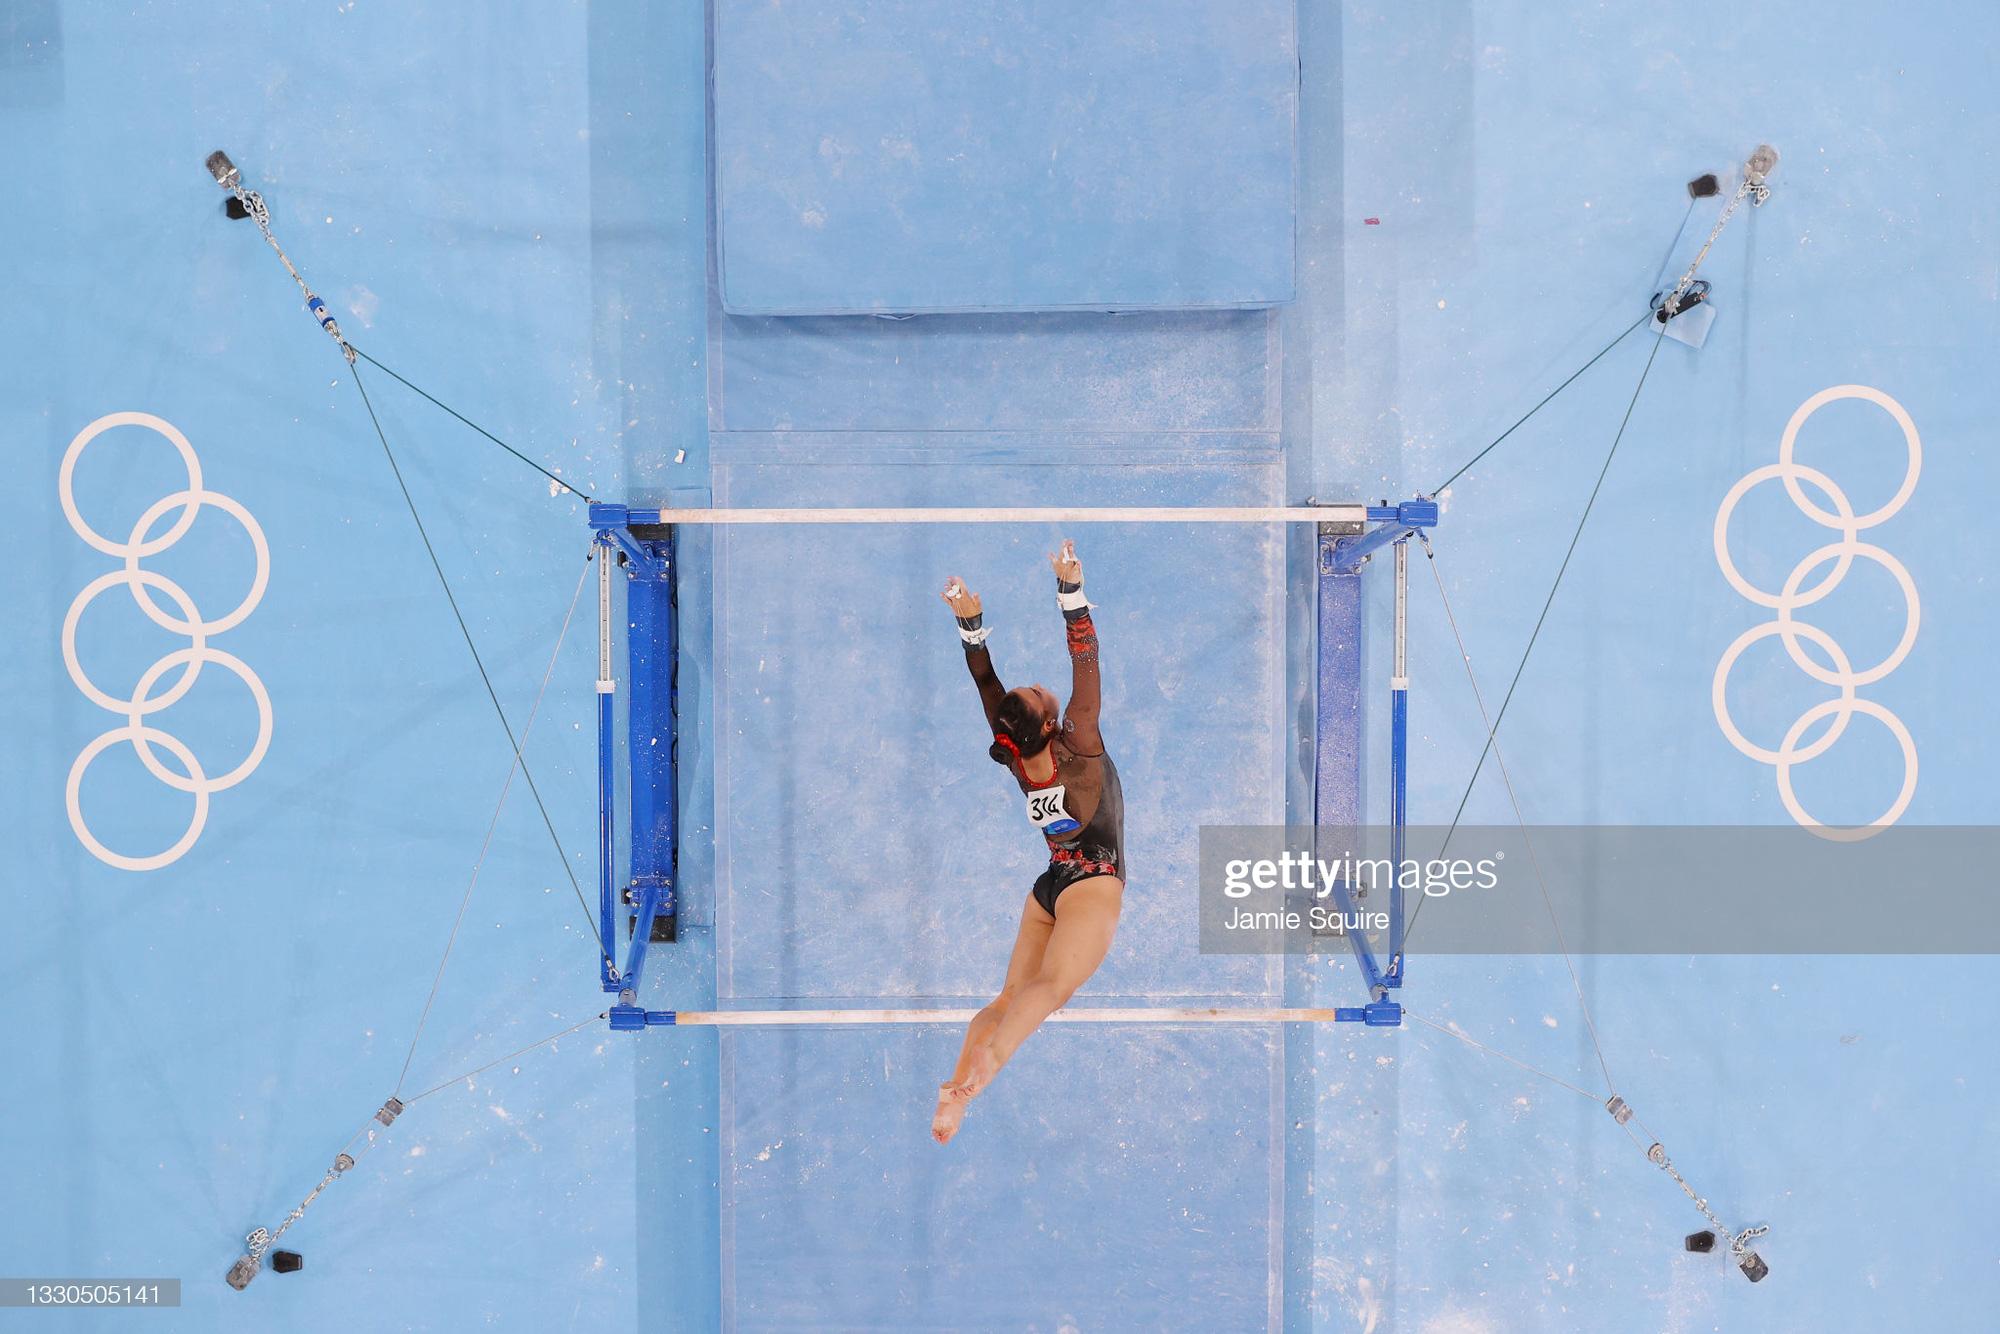 Những góc ảnh đẹp ngỡ ngàng ở Olympic Tokyo 2020 - Ảnh 9.